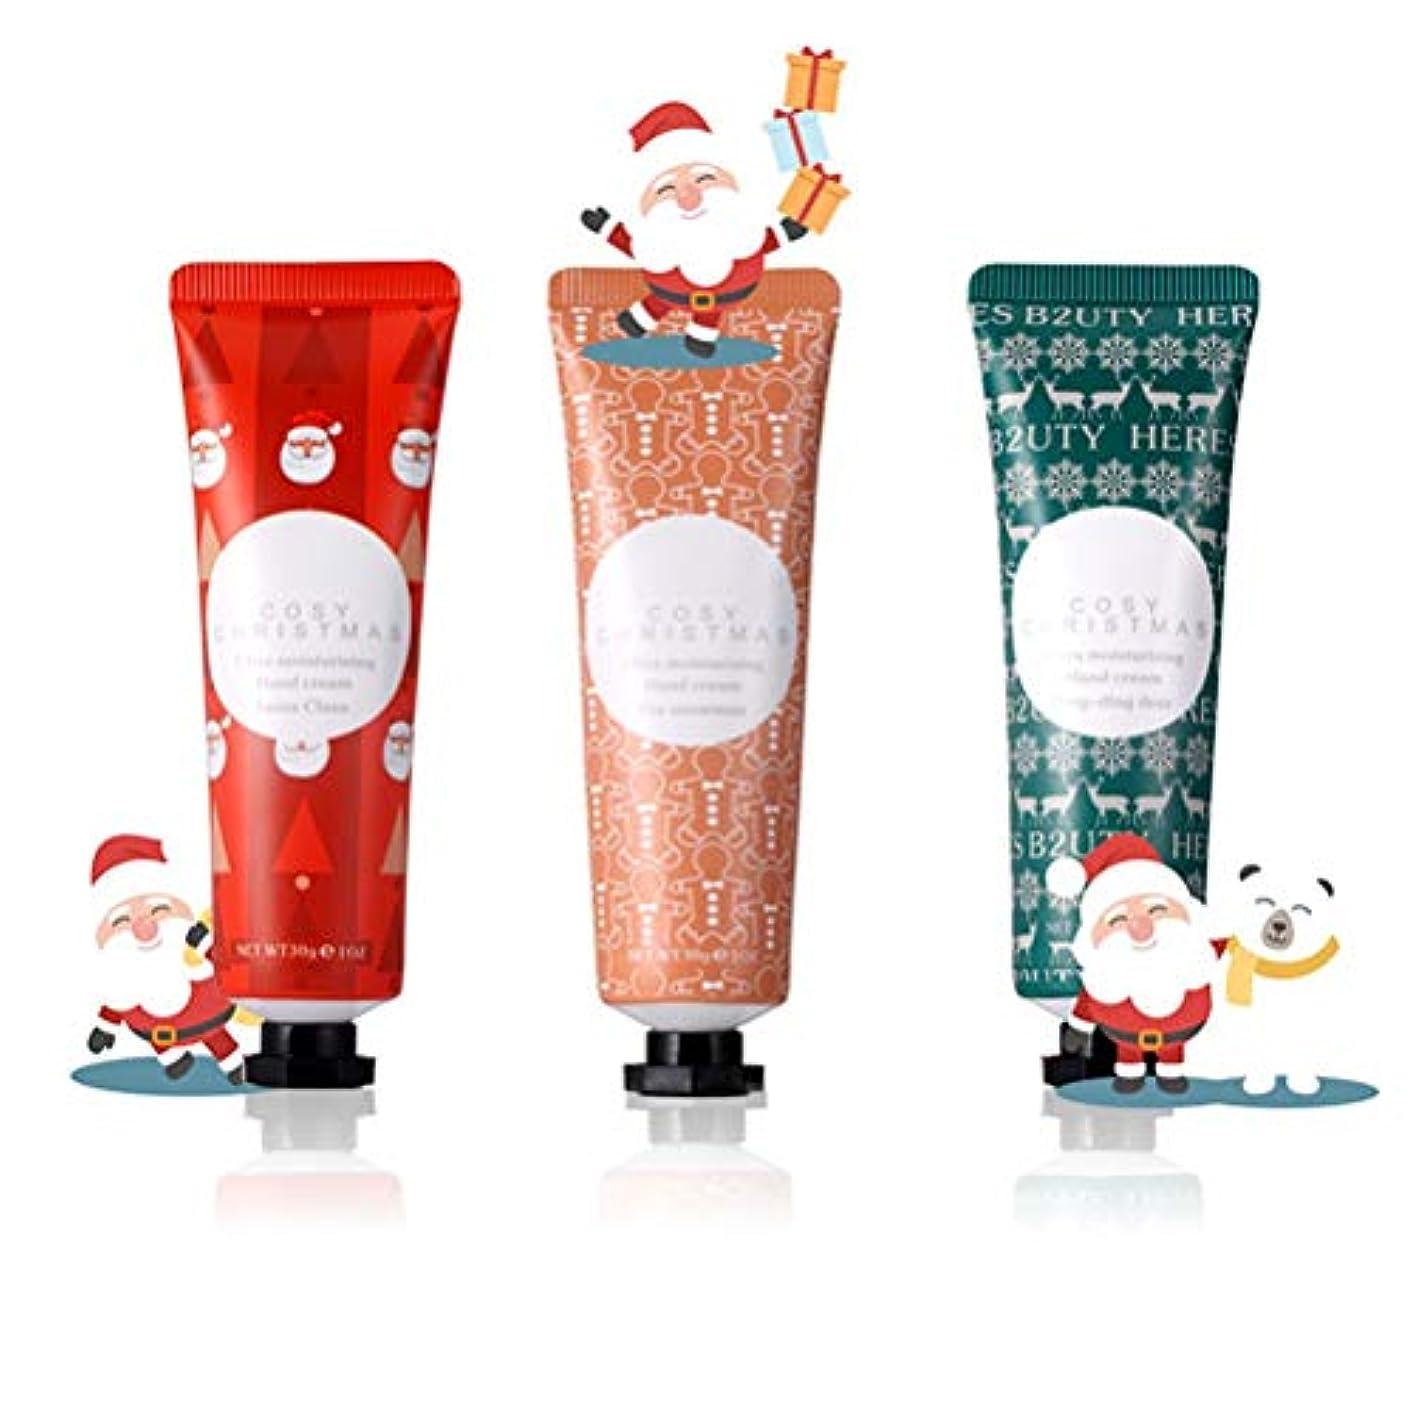 ファセット同じ可能supbel ハンドクリーム 保湿クリーム 手荒れ ボディクリーム 美白 スキンケア ハンドケア 潤い 水分補給 3ピース クリスマス 贈り物